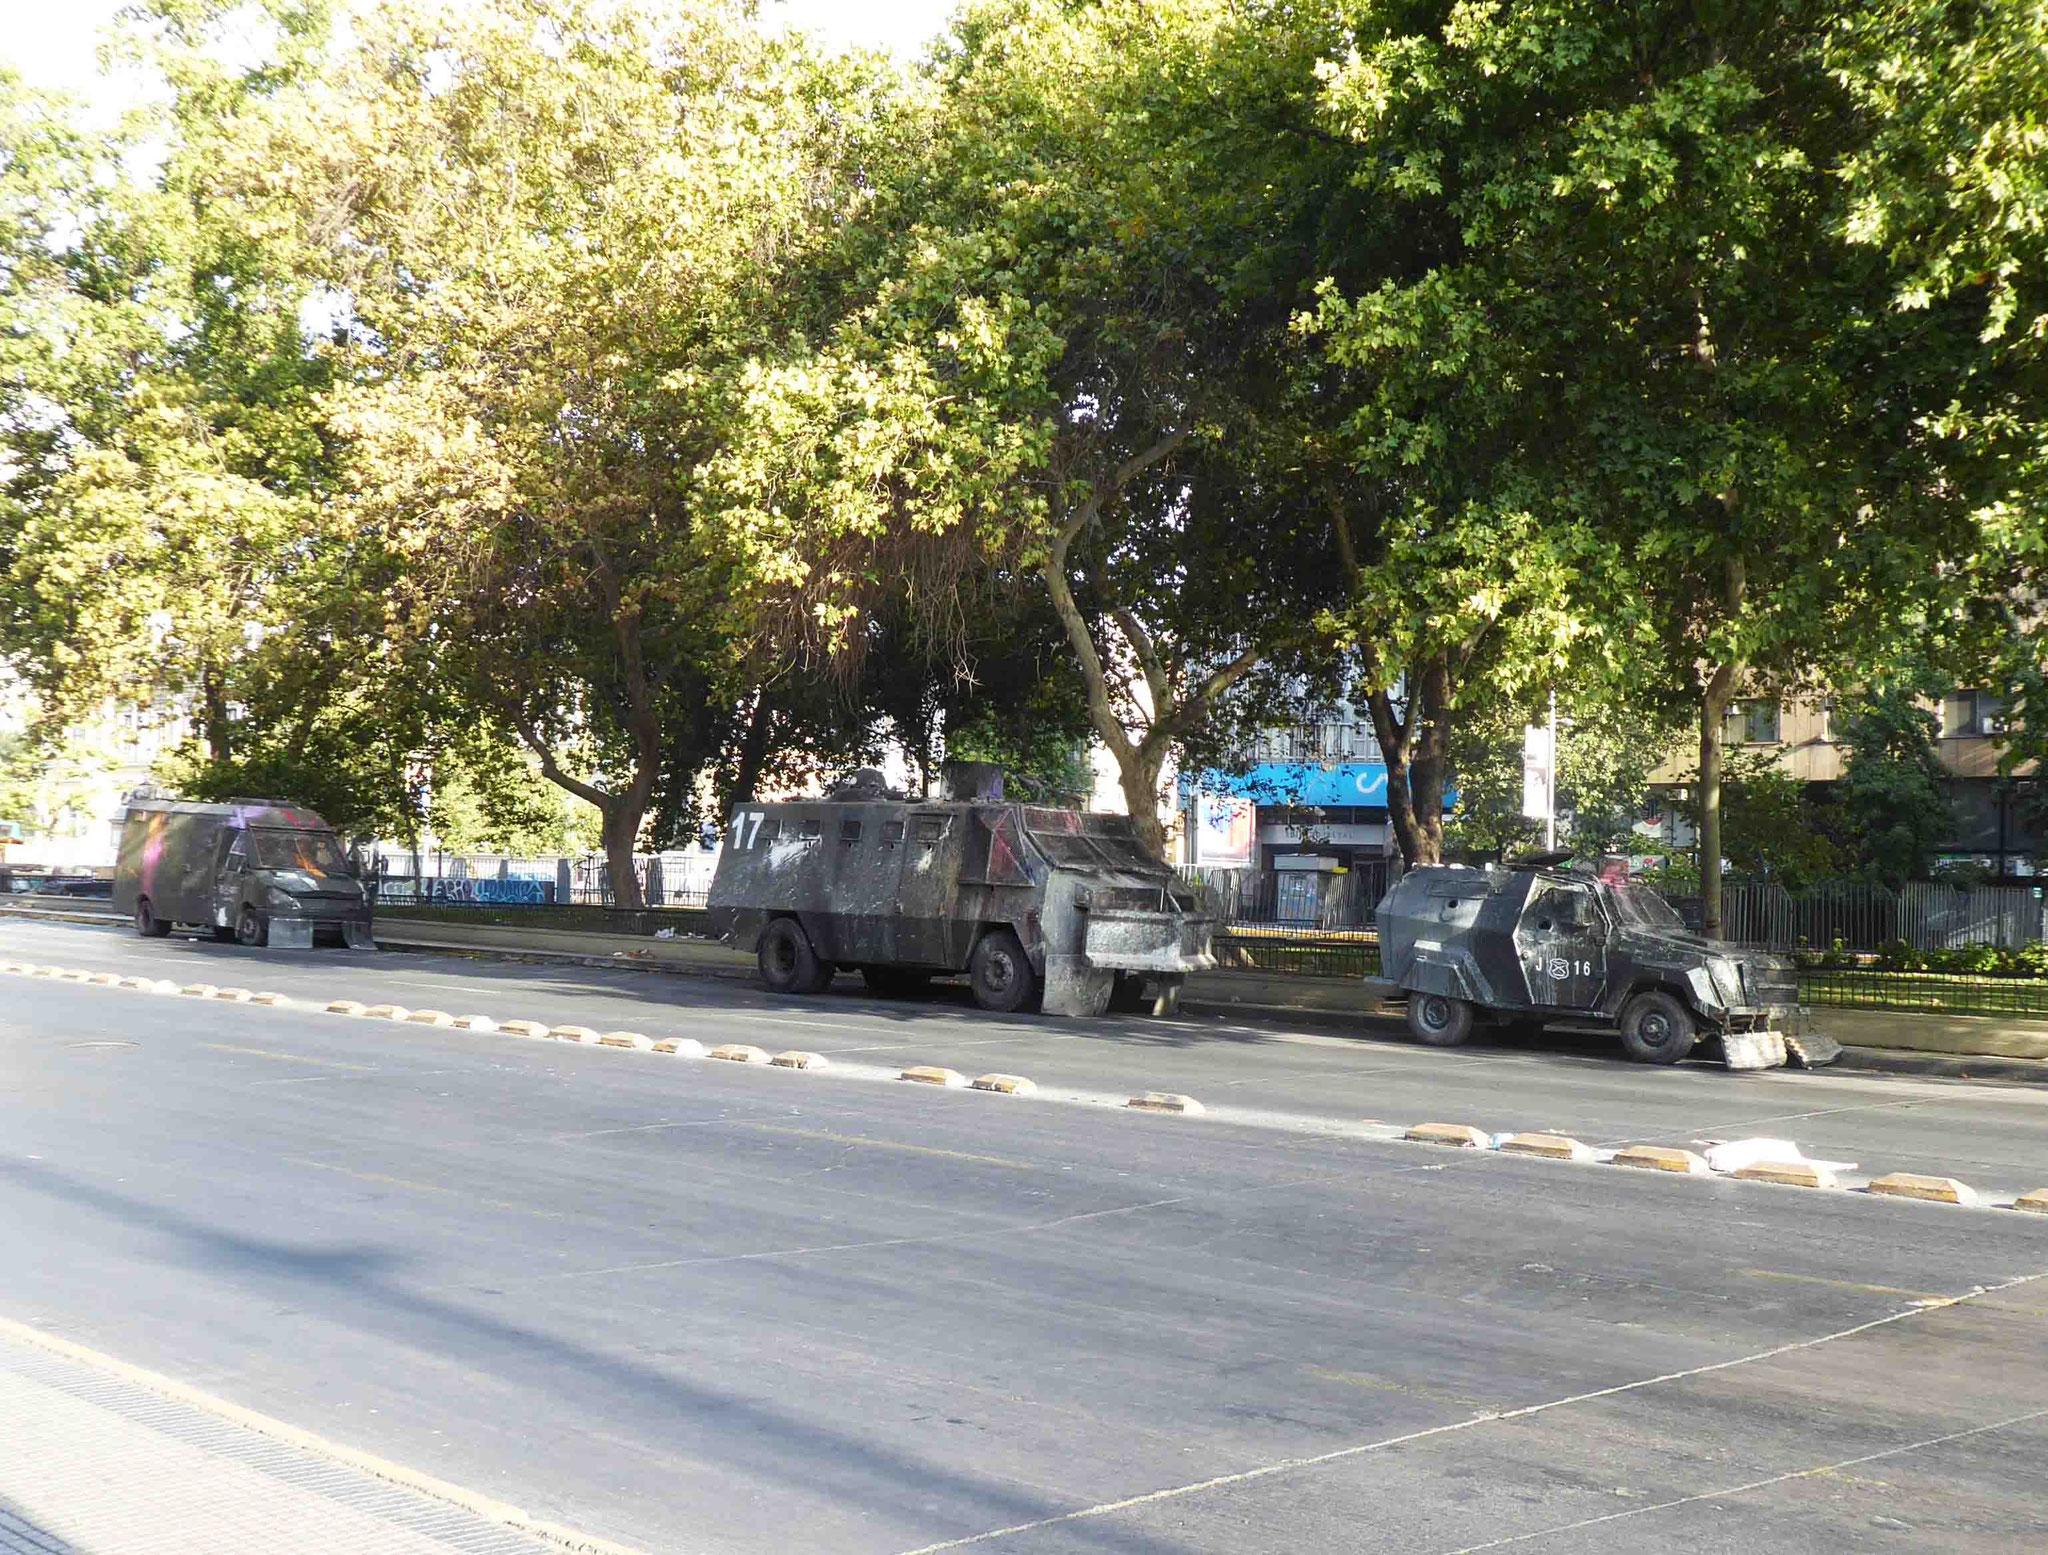 Près de la Moneda, les forces militaires sont constamment en faction